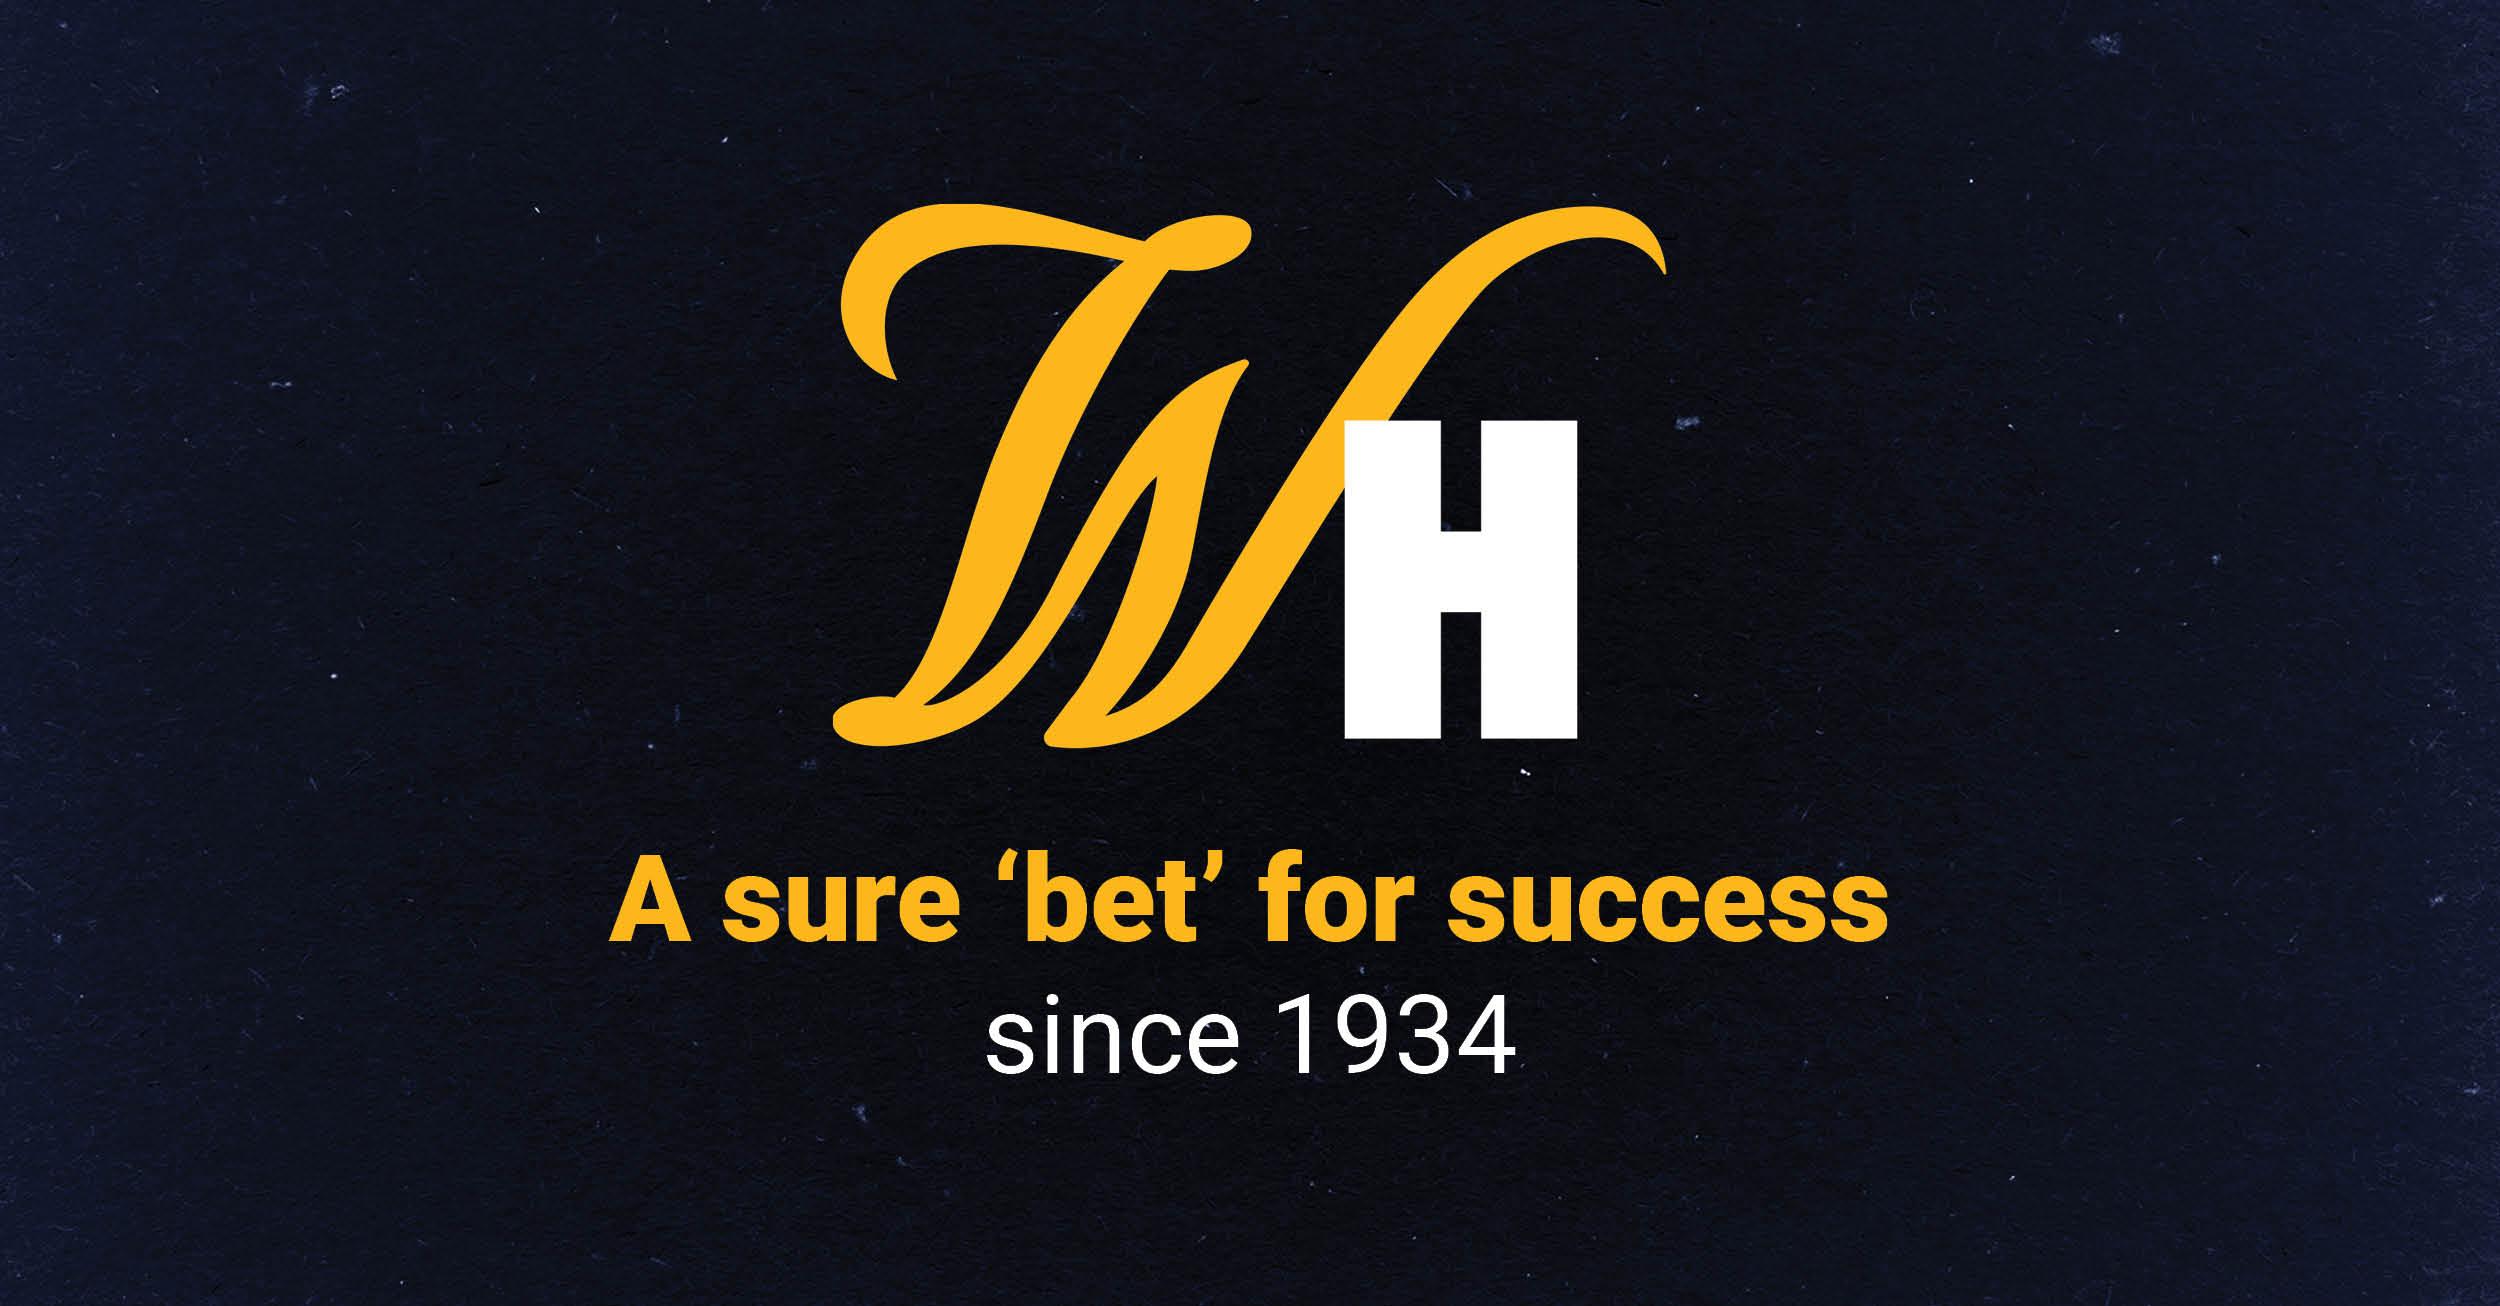 william hill oaks betting